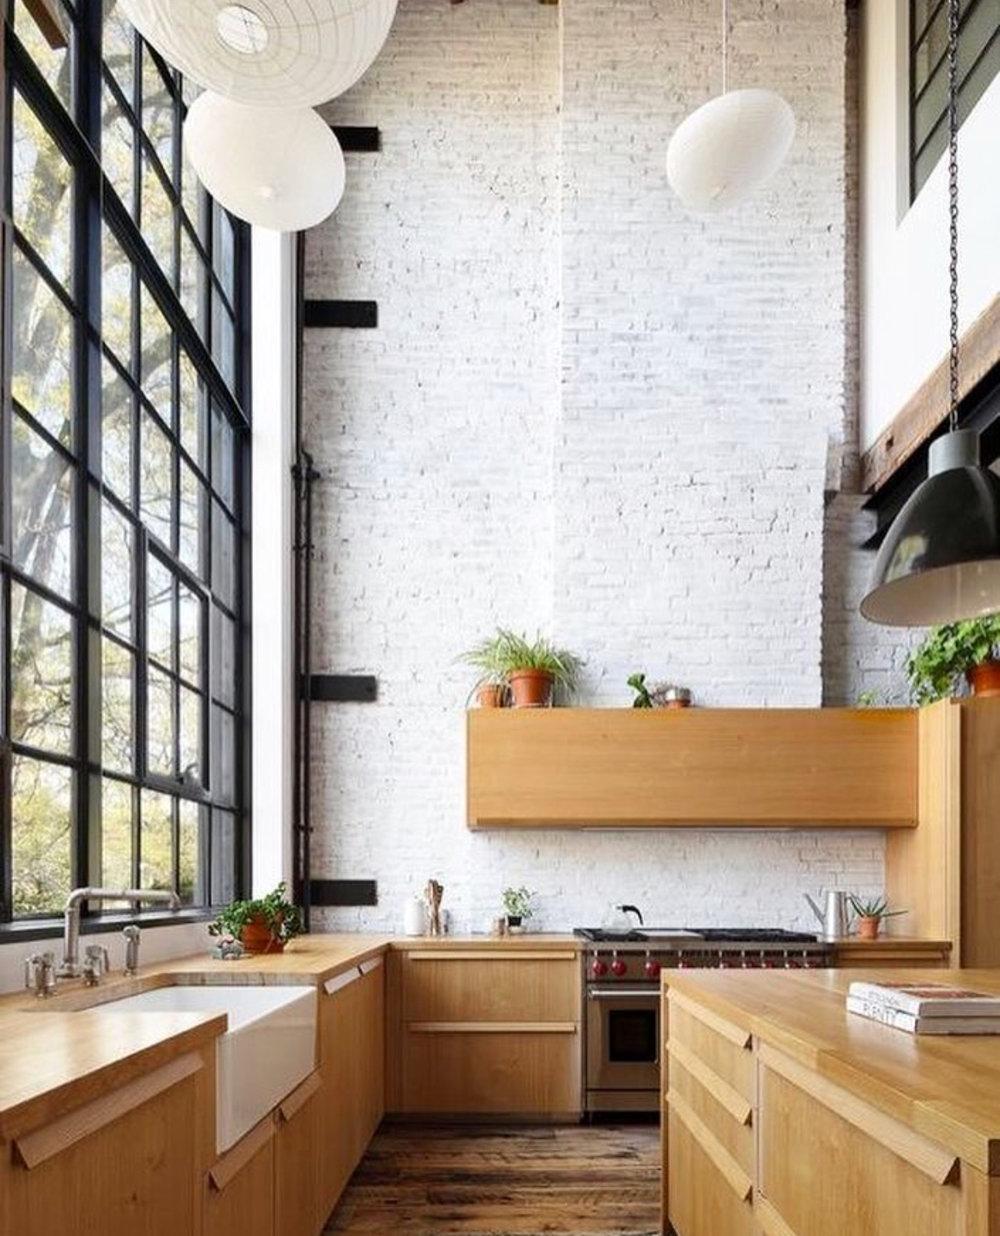 This kitchen -